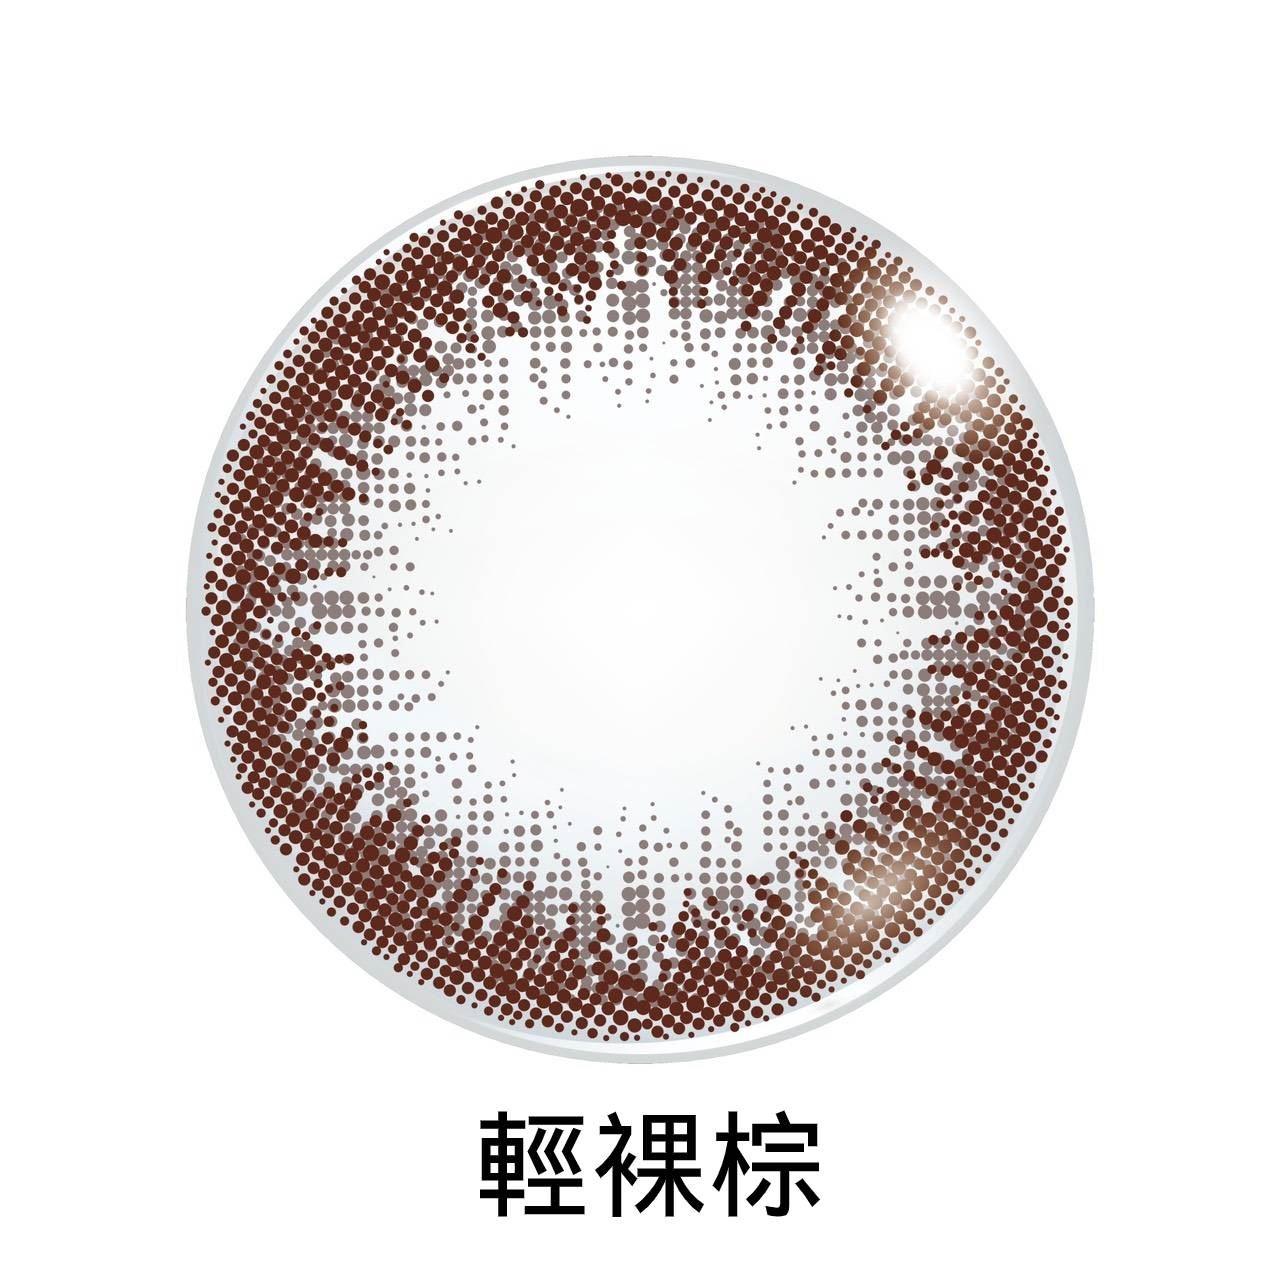 緹艾絲彩色日拋(10片裝)3